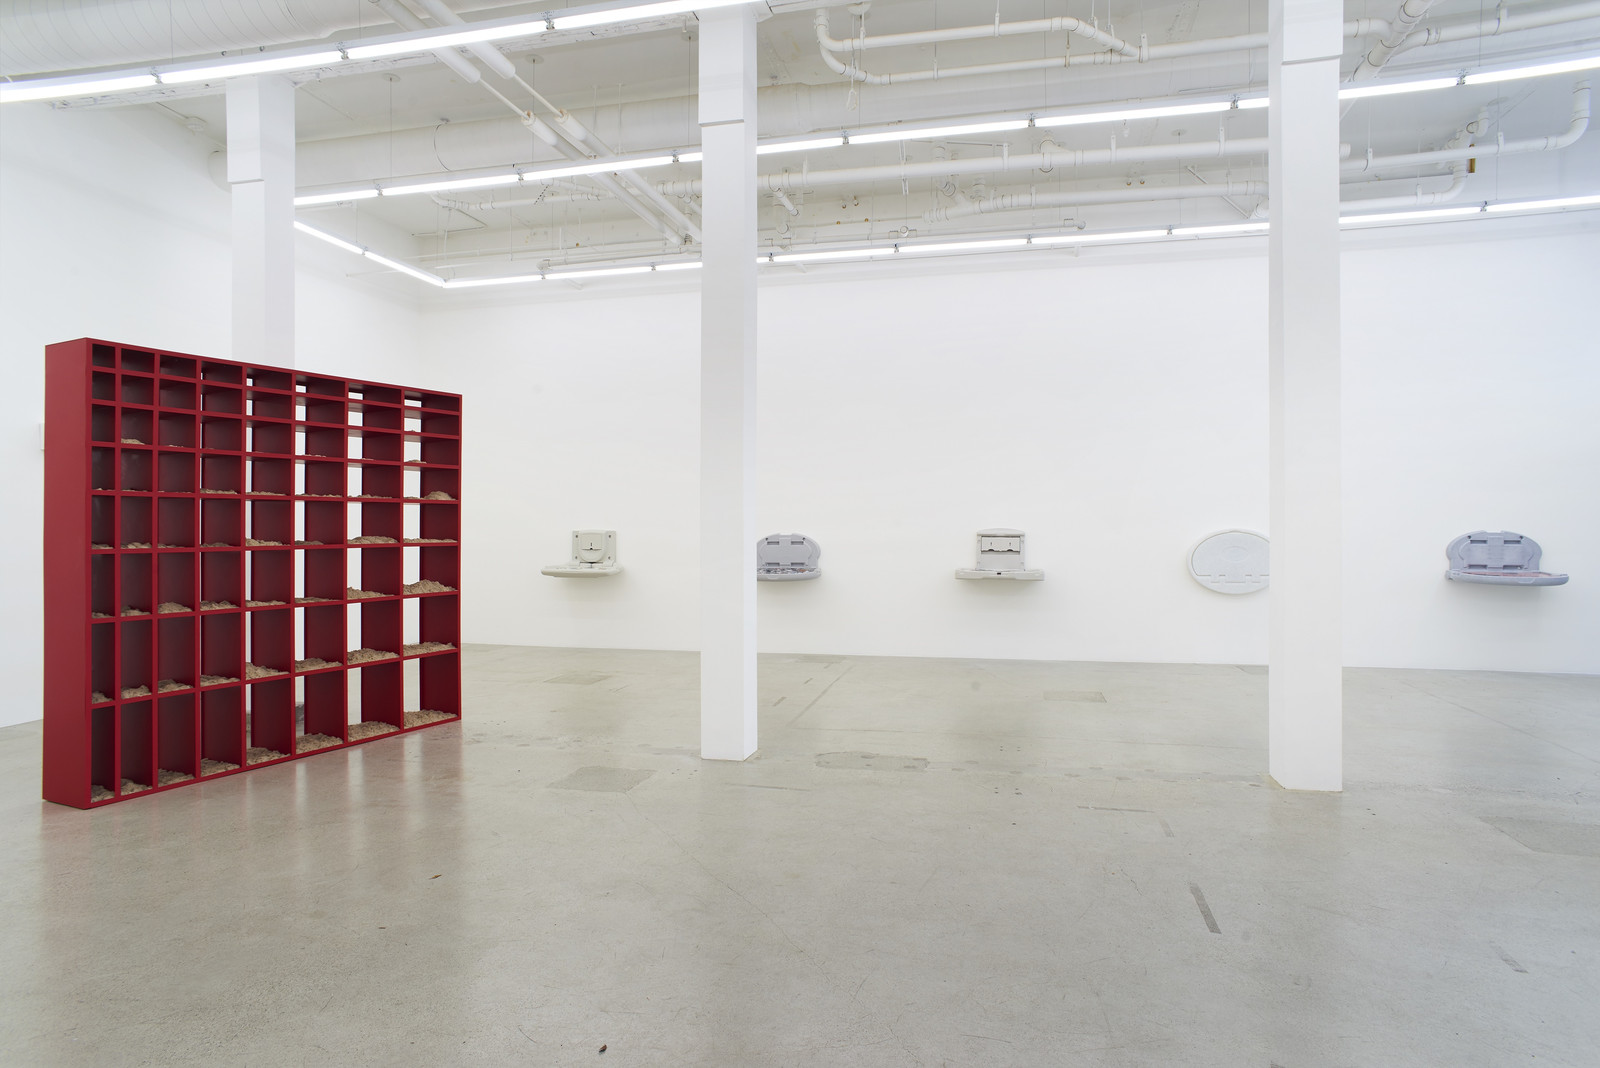 Wermers_Grundstück, 2017_Jessica Silverman Gallery_installation view_014